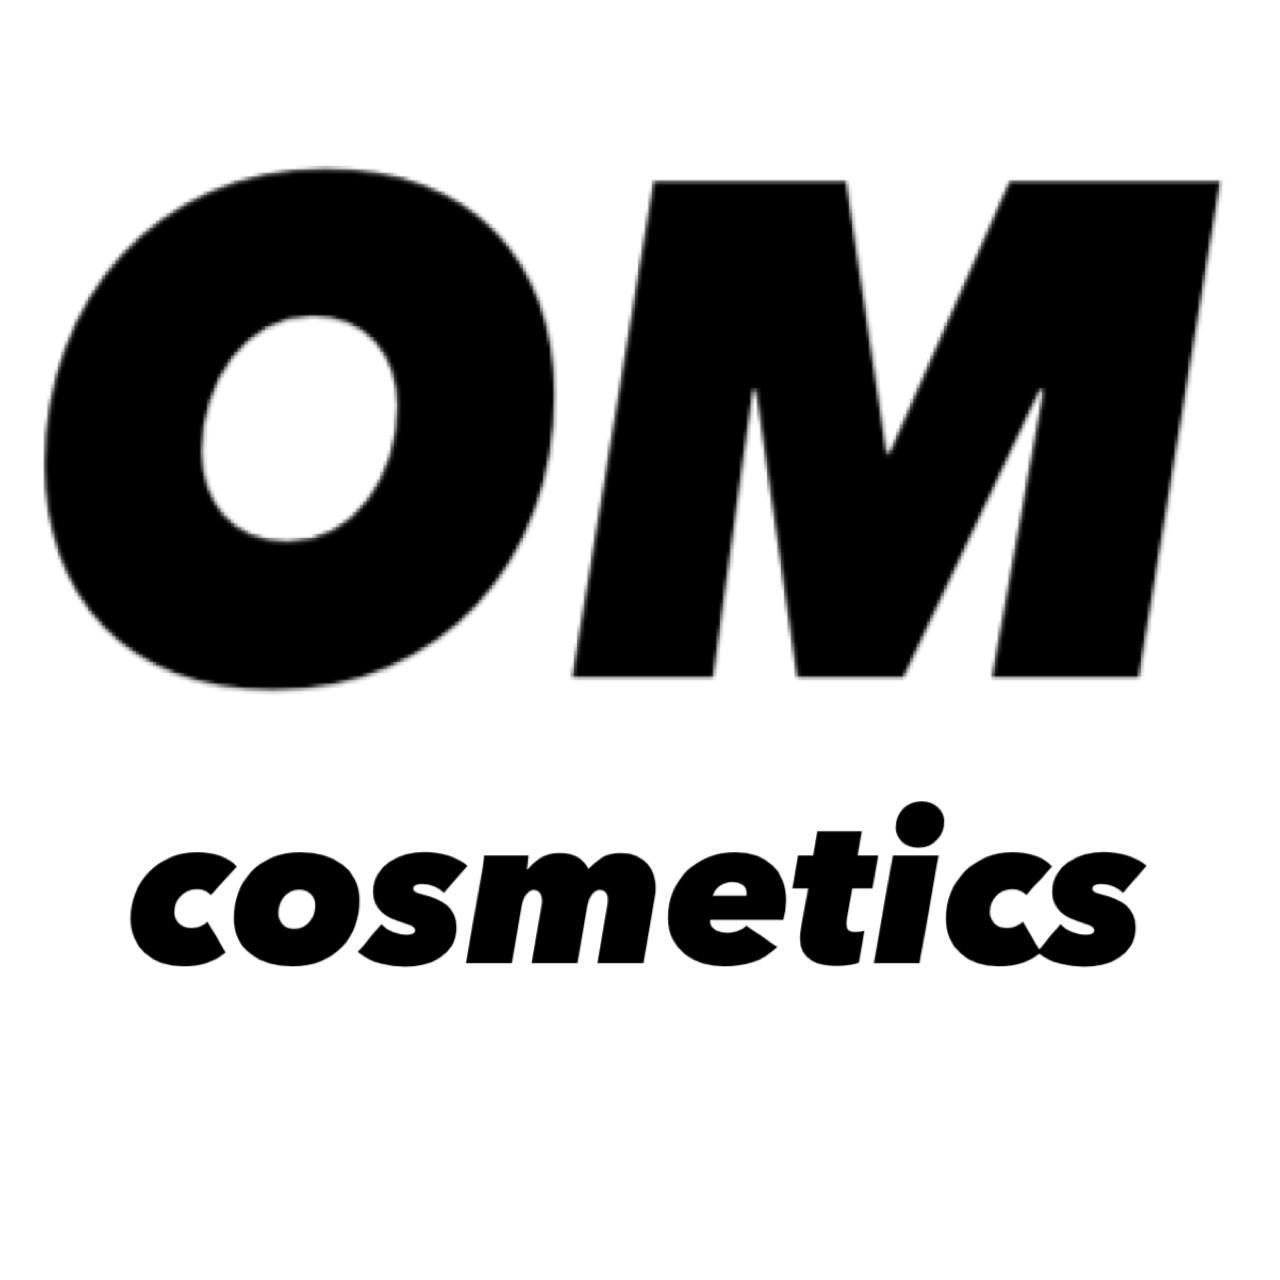 onemillion  cosmetics